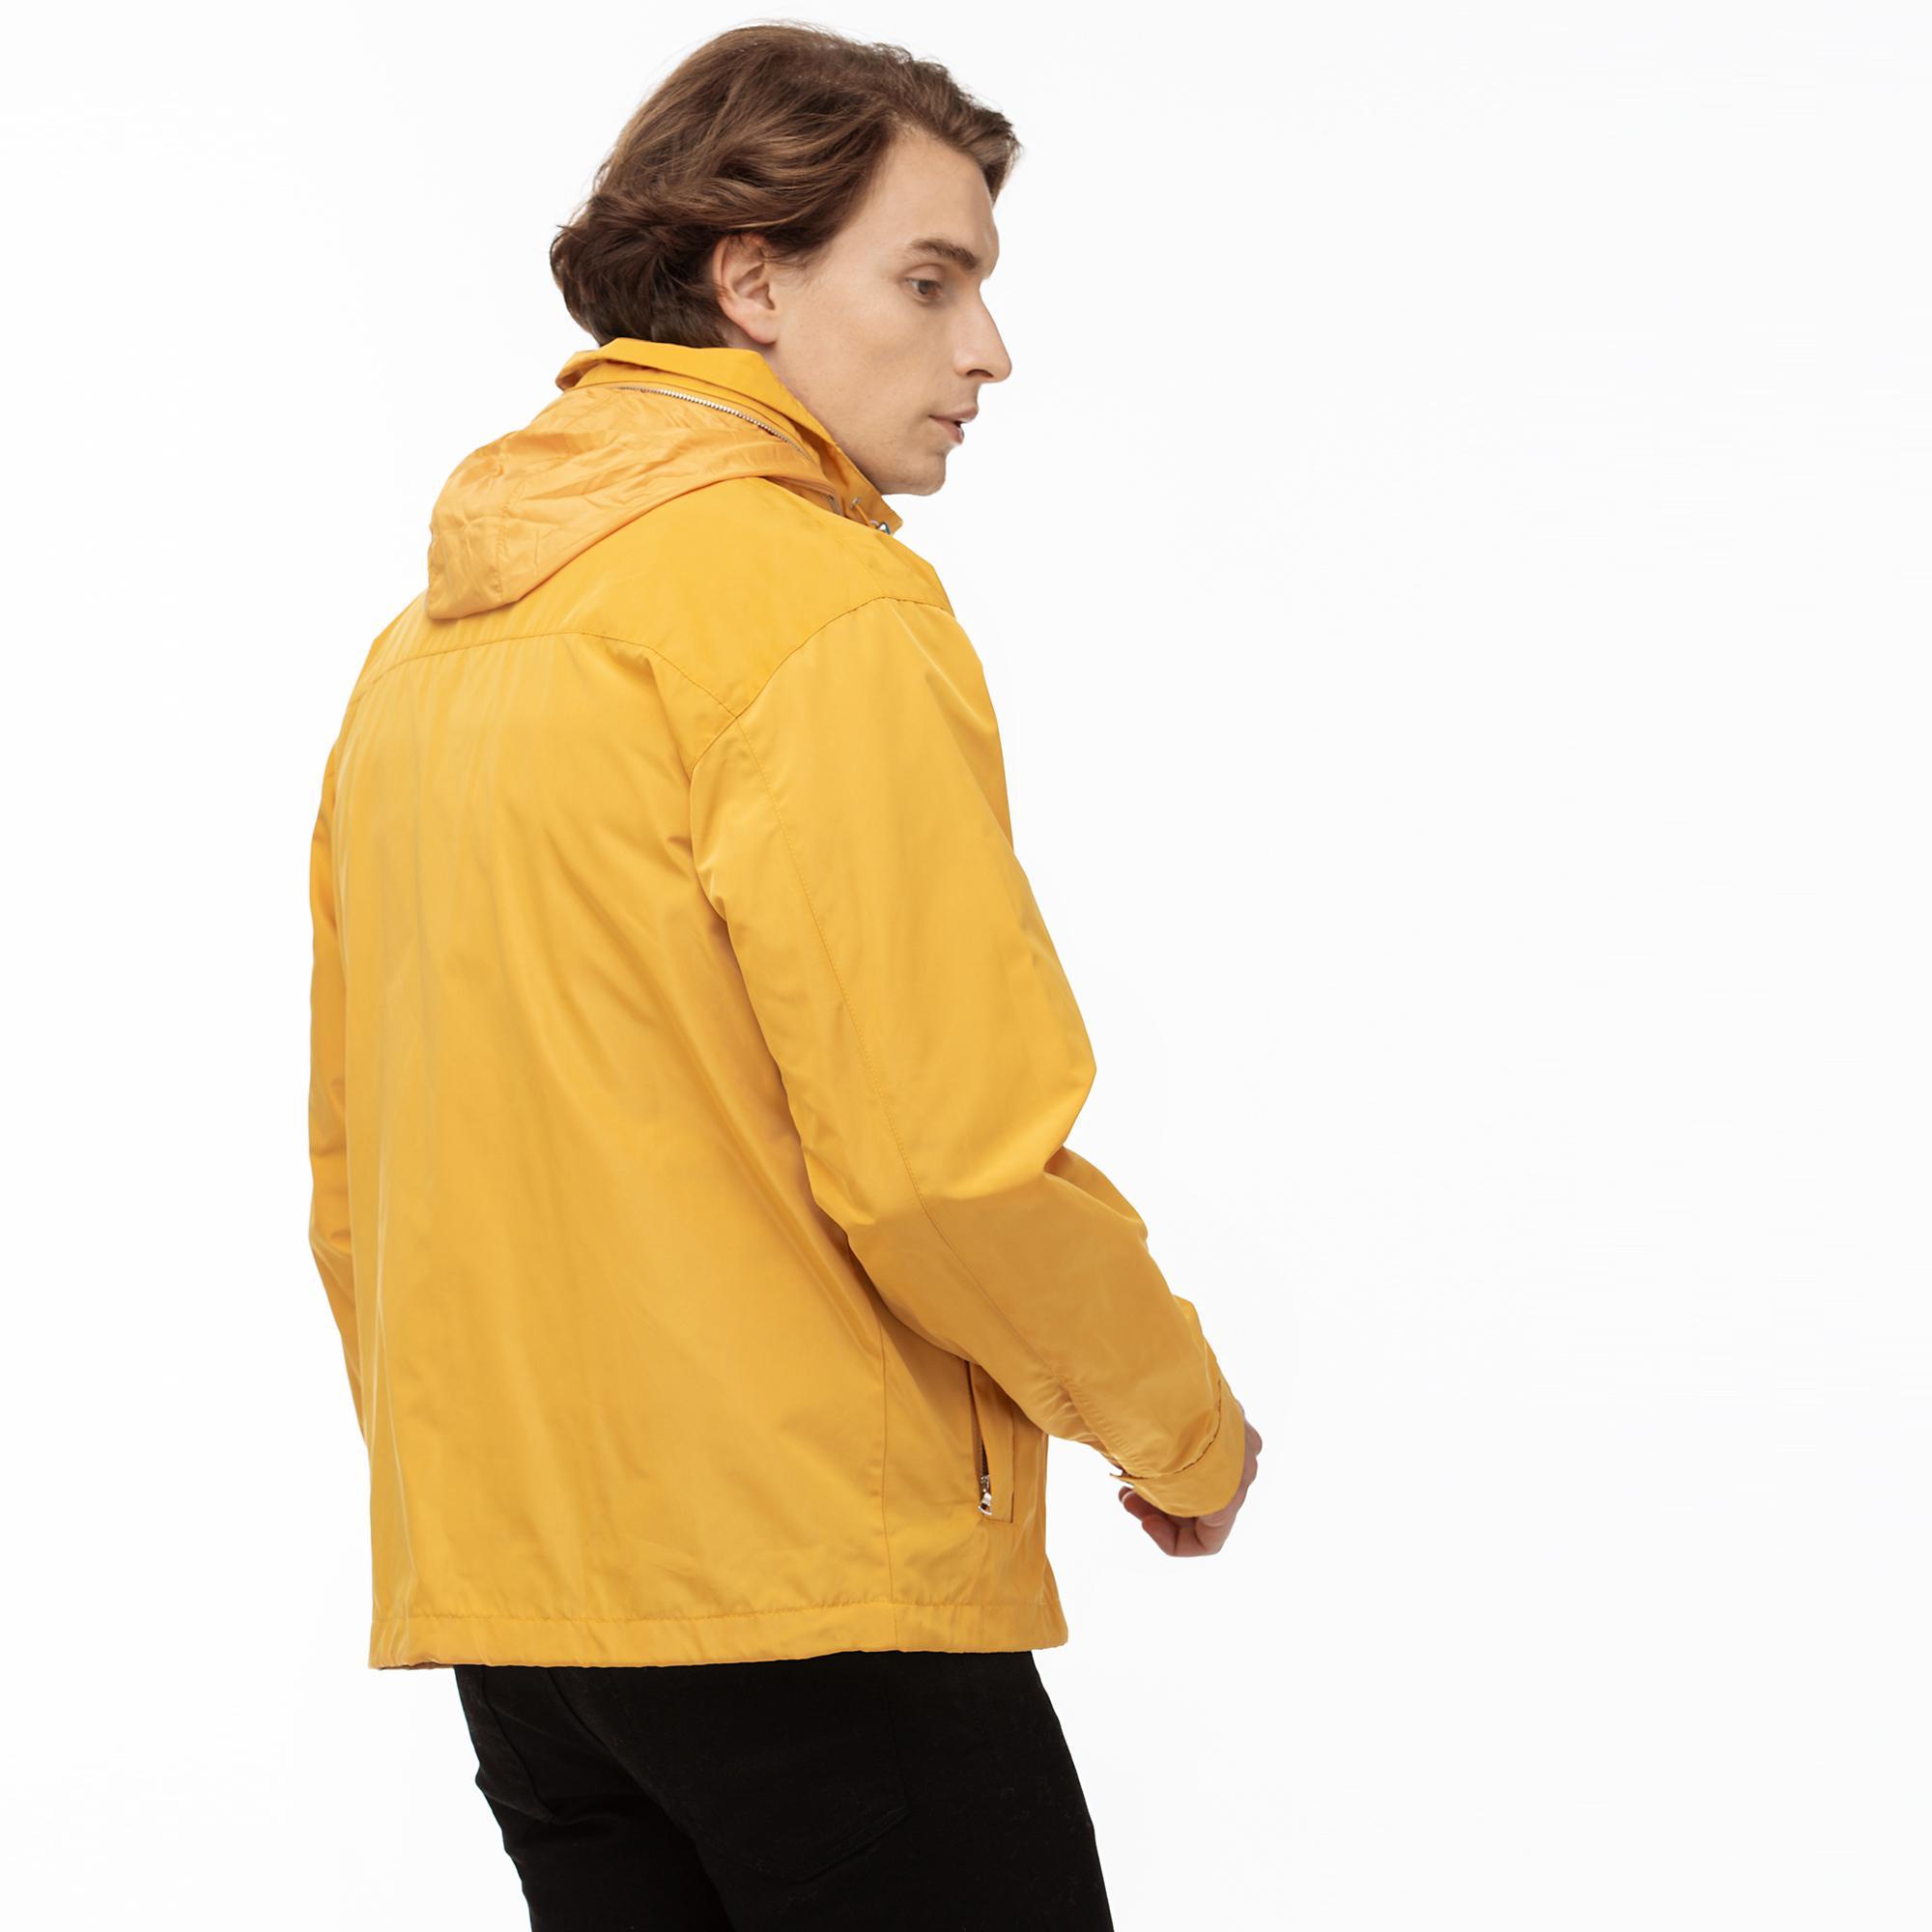 Lacoste Erkek Sarı Gizlenebilir Kapüşonlu Kombinlenebilen Rüzgarlık